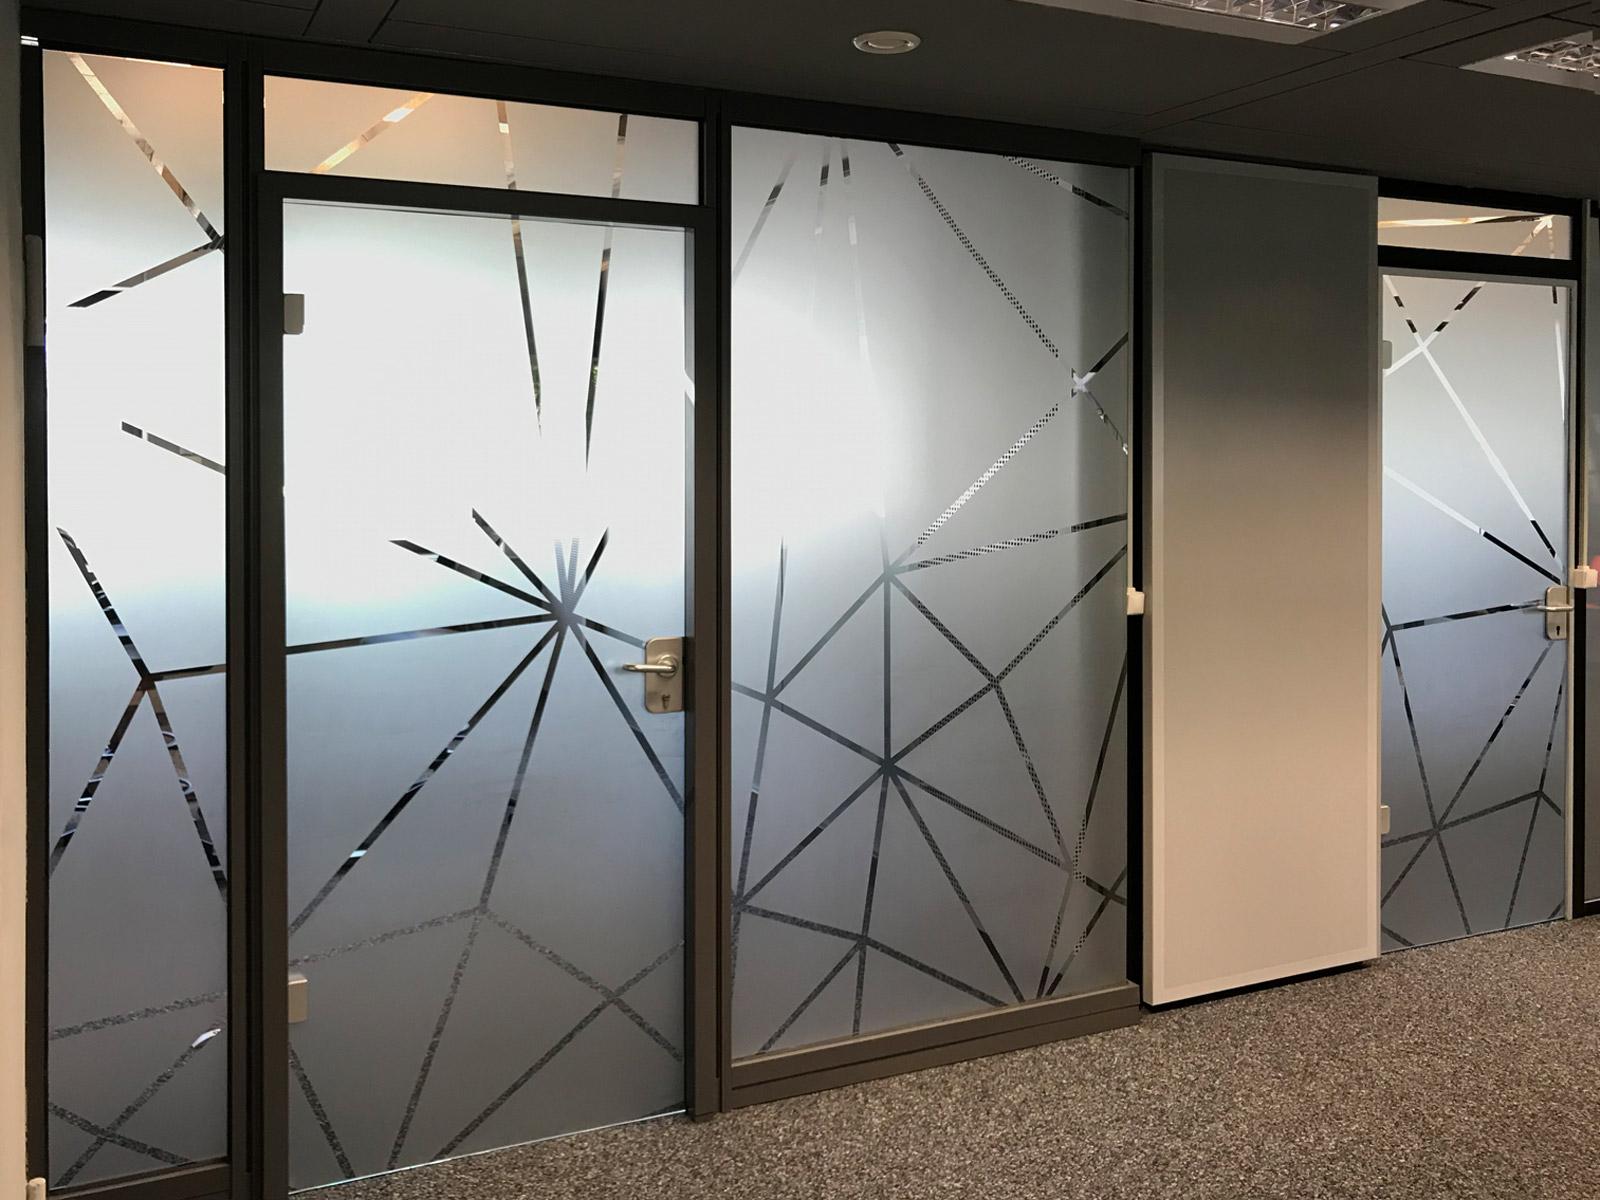 Netzgrafik aus Glasdekor als Sicht- und Durchlaufschutz auf einer Glasfront von Büroräumlichkeiten für Design Offices